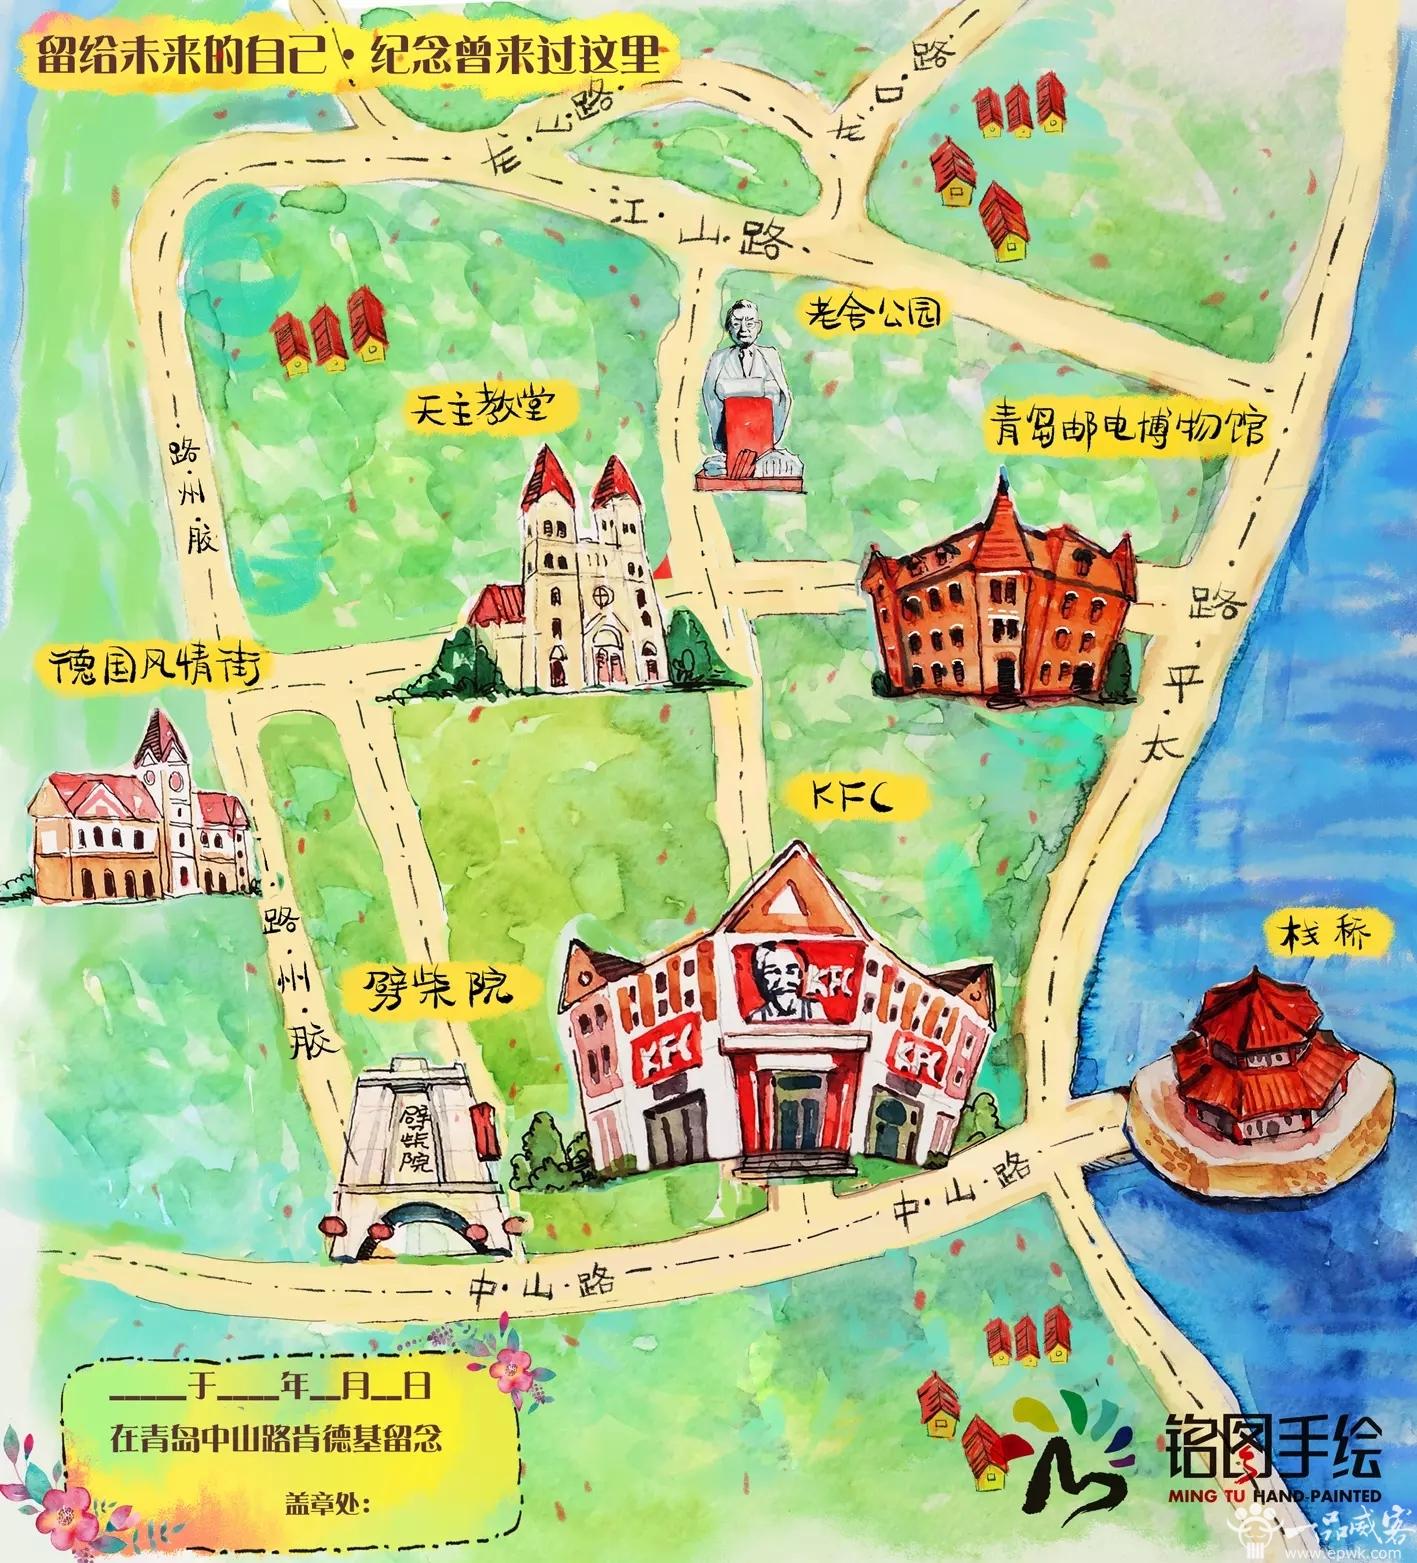 青岛kfc水彩手绘地图,德克士水彩建筑